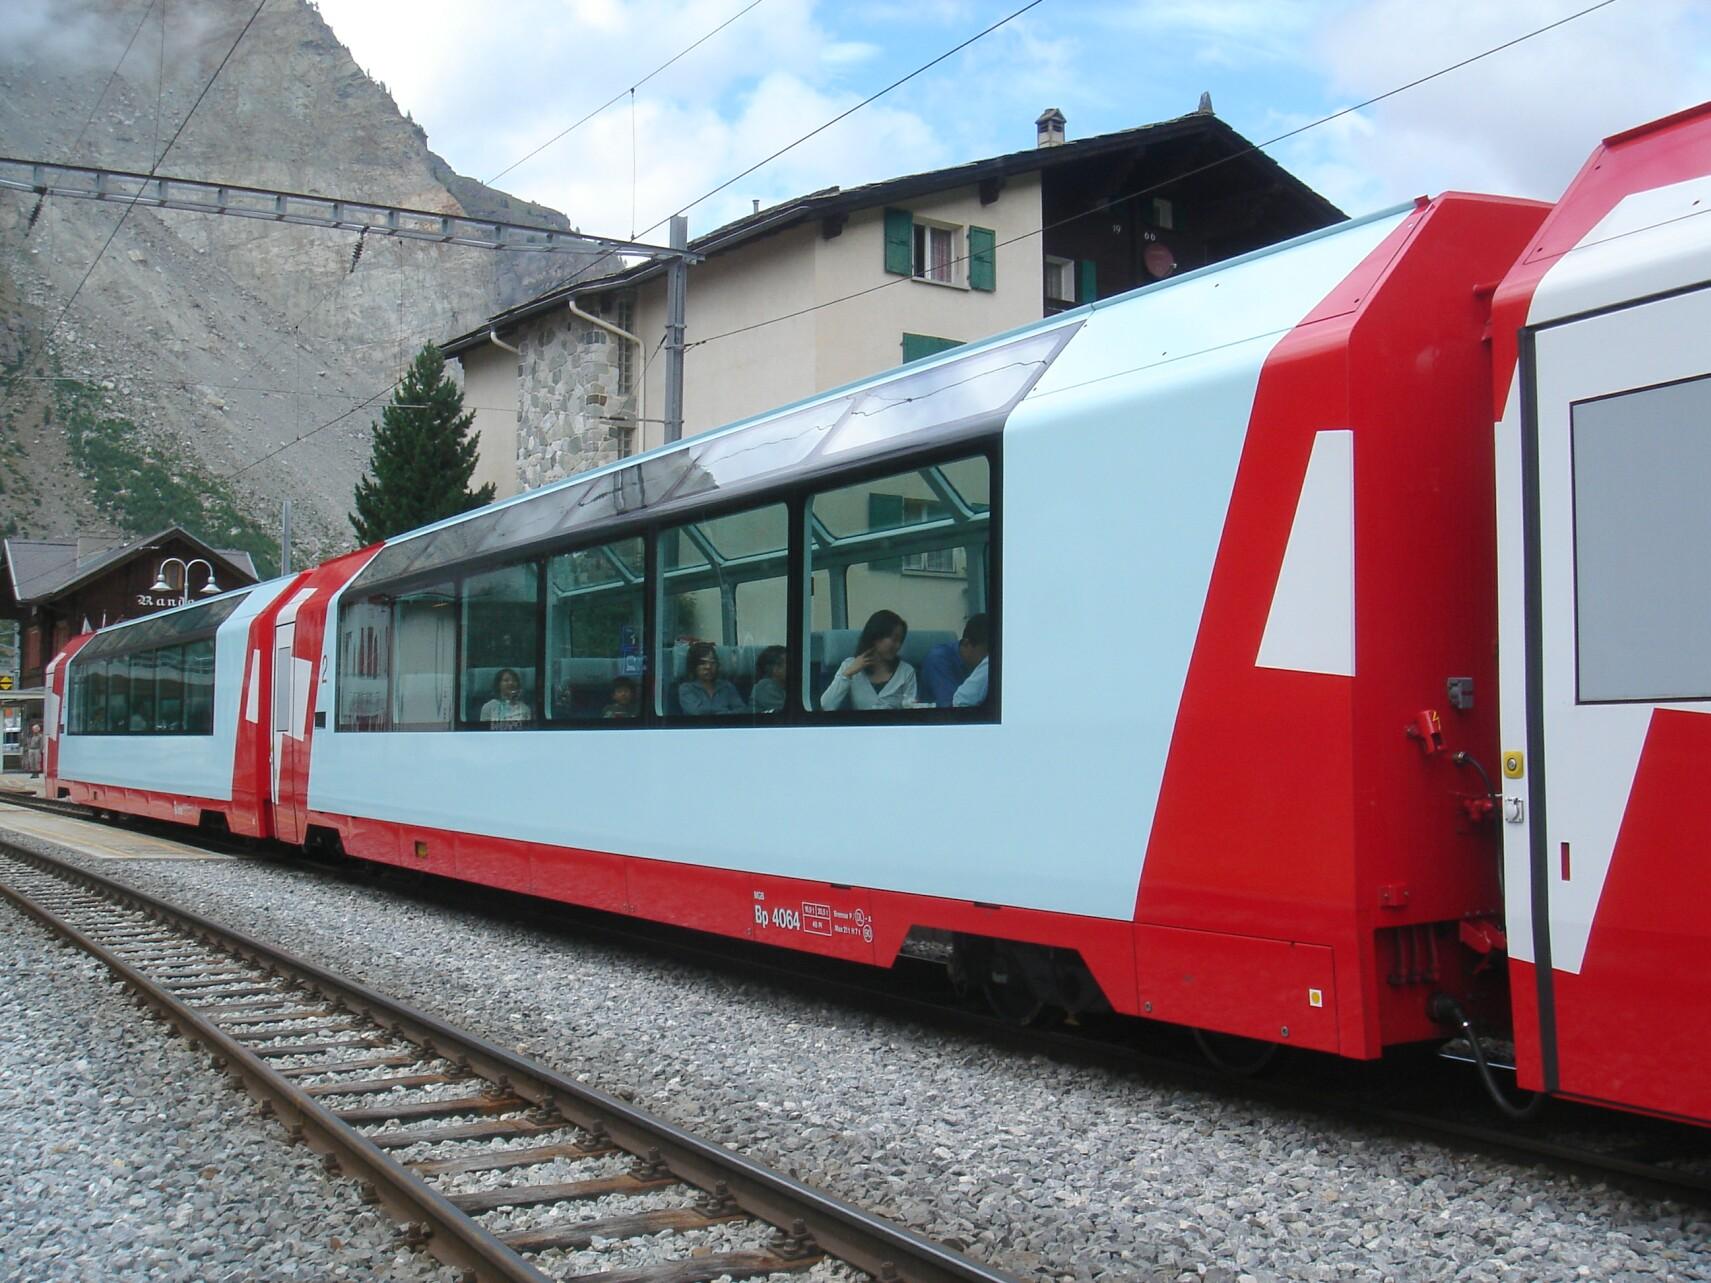 Bp Stock Chart: Matterhorn Gotthard Bahn panoramic coach Bp 4066 and 4064 ,Chart